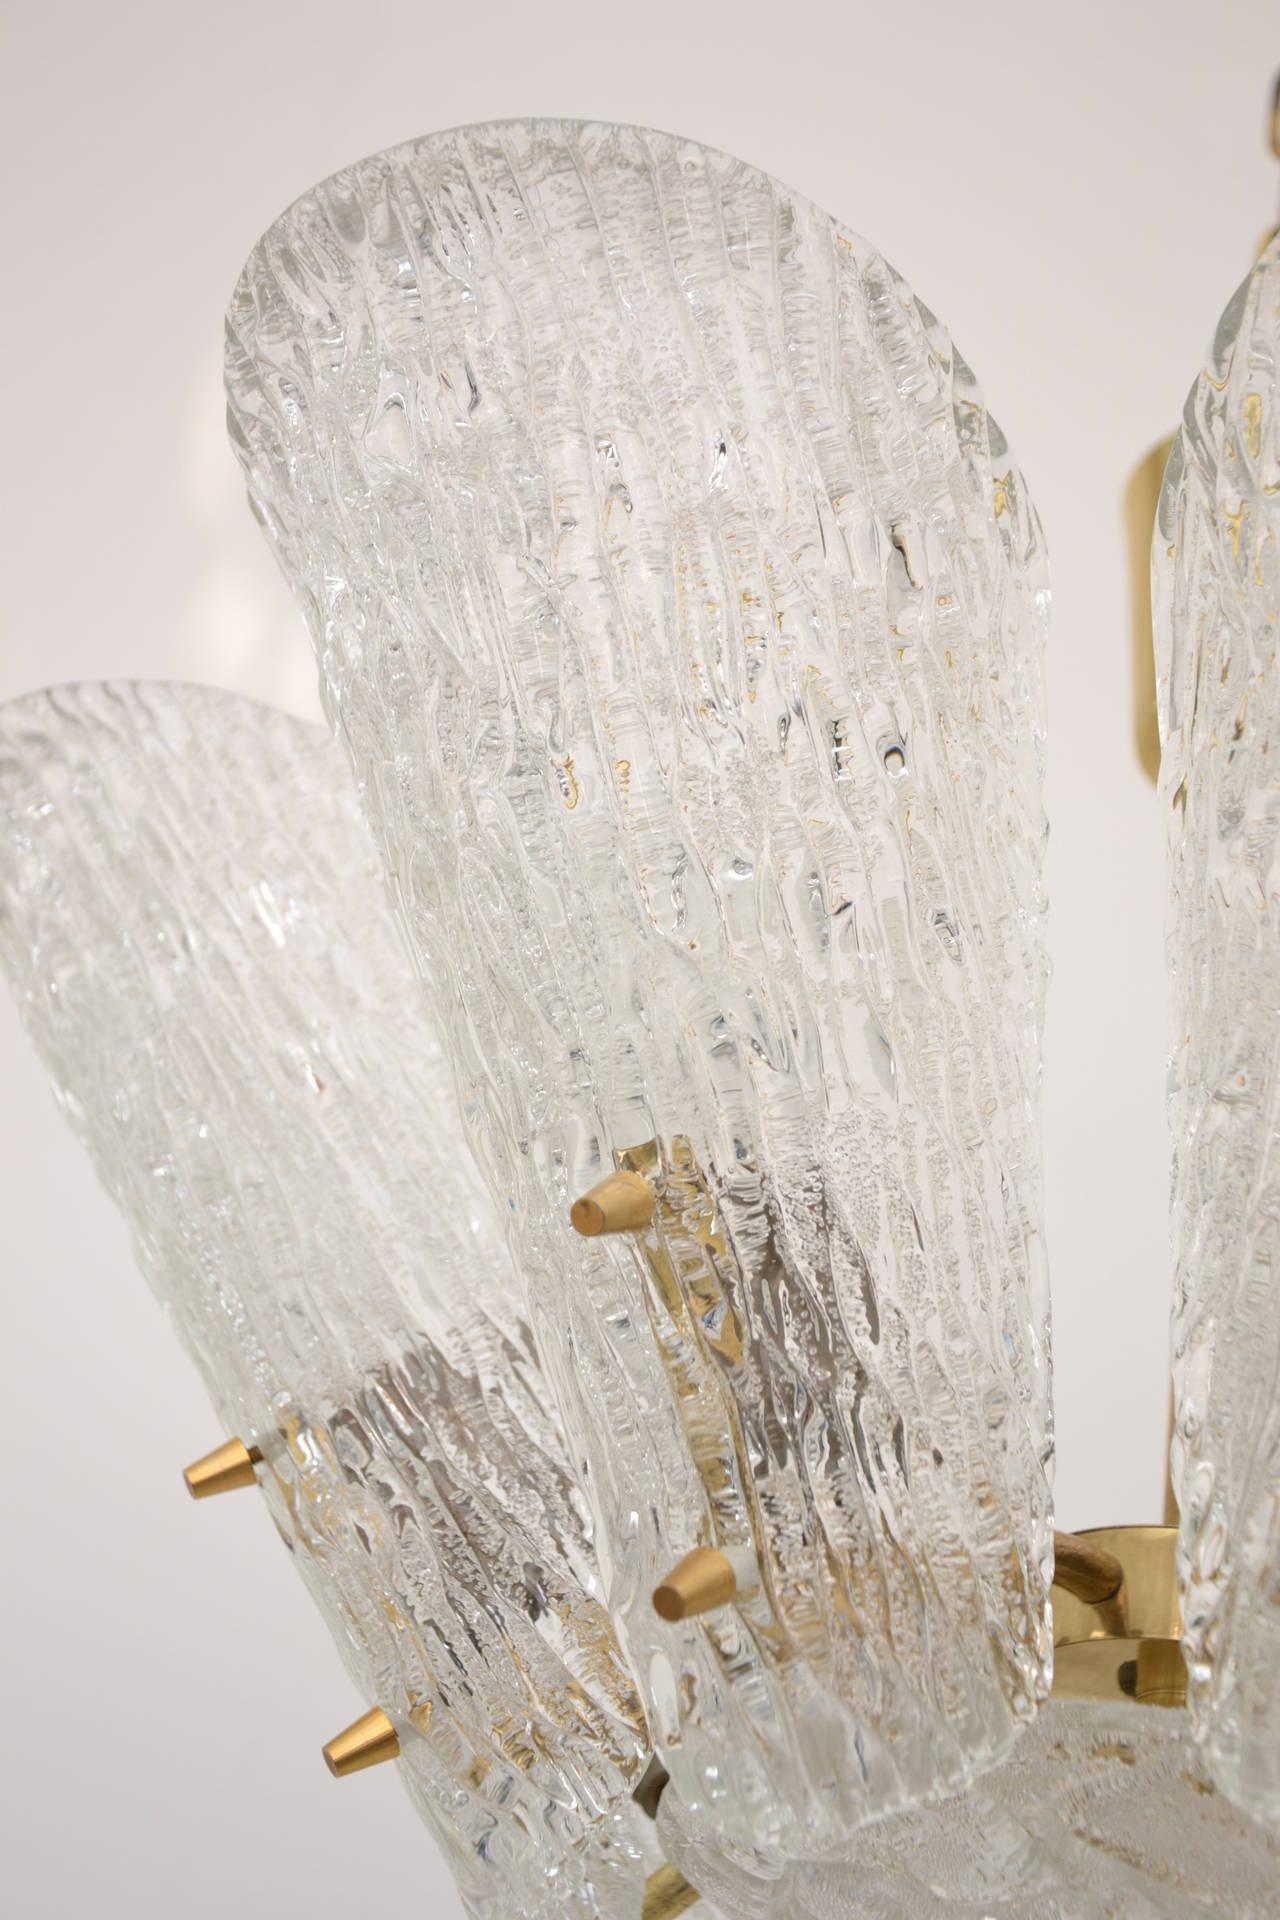 Austrian Kalmar Vienna Brass Chandelier with White Textured Glass Lamp Shades For Sale